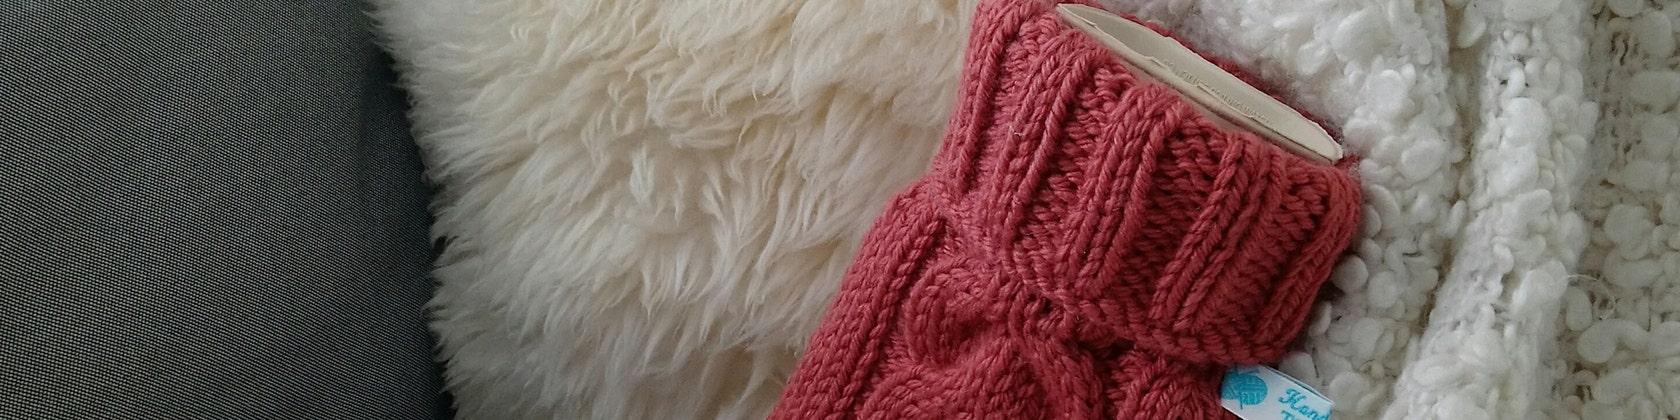 Hand Knitted Hot Water Bottle Covers von TheCraftyElks auf Etsy